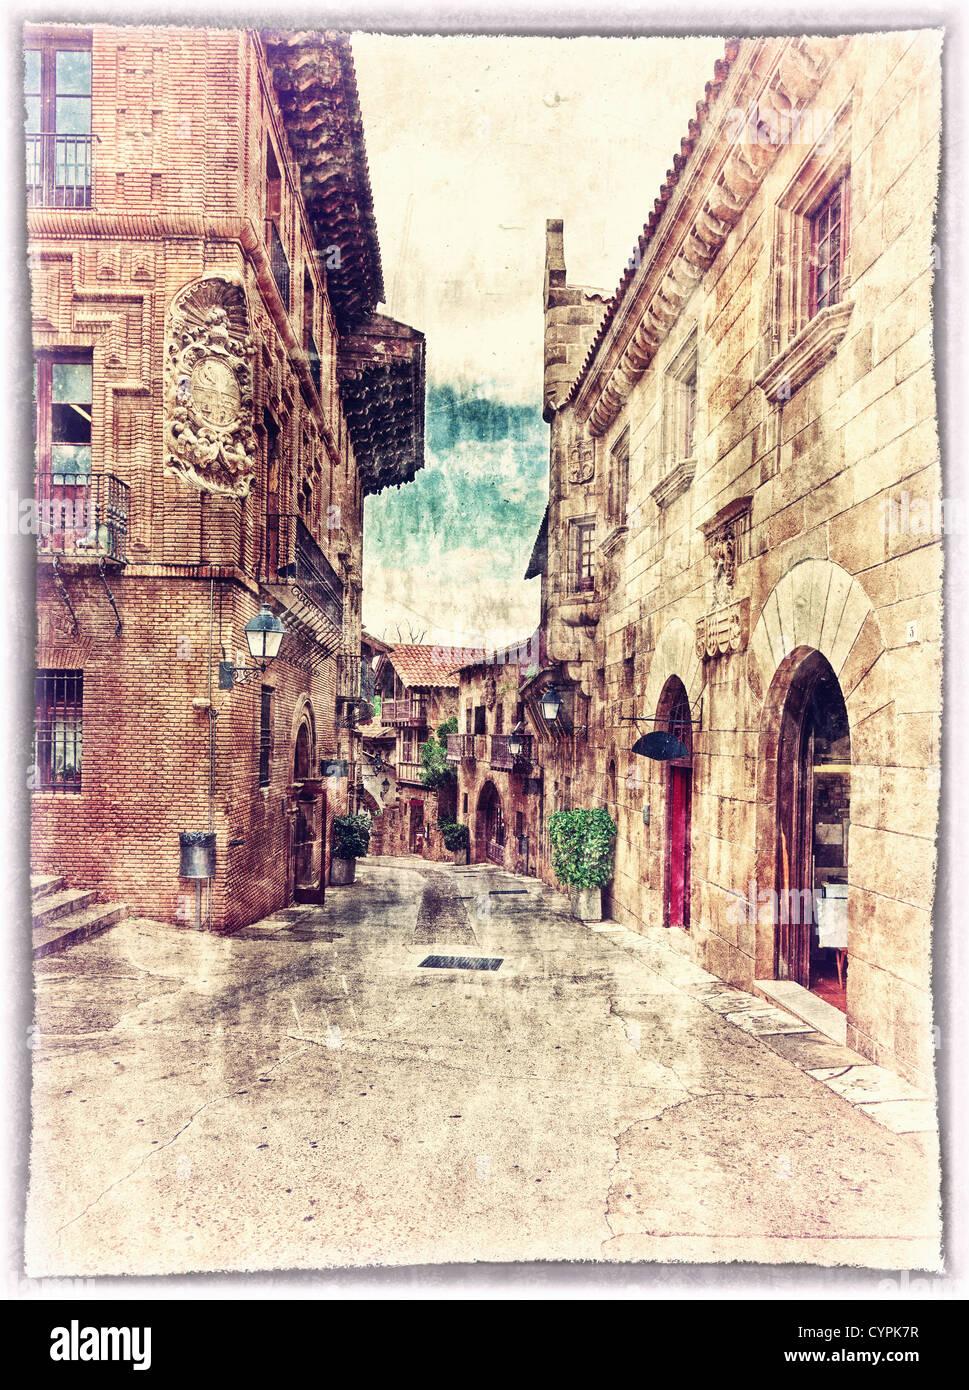 Vintage-Stil-Postkarte von traditionellen architektonischen Komplex in Barcelona, Spanien Stockbild